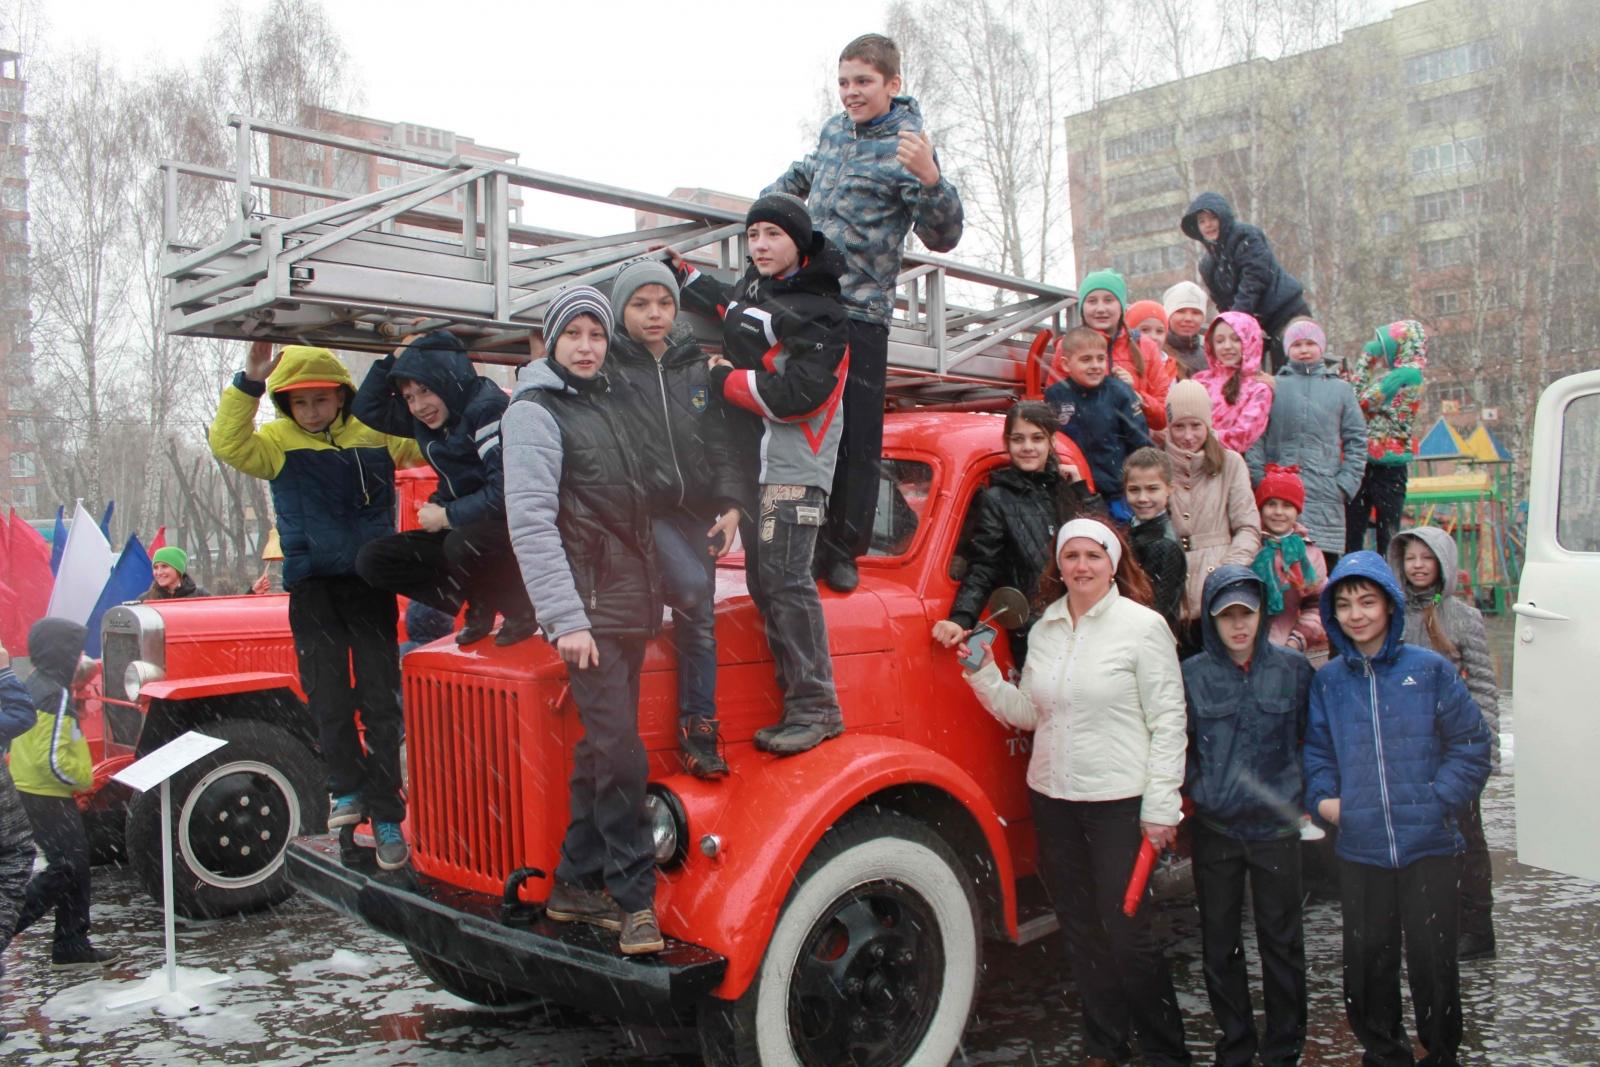 В преддверии Дня пожарной охраны сотрудники МЧС организовали праздник для томичей у Дворца народного творчества «Авангард», 28 апреля 2015 года